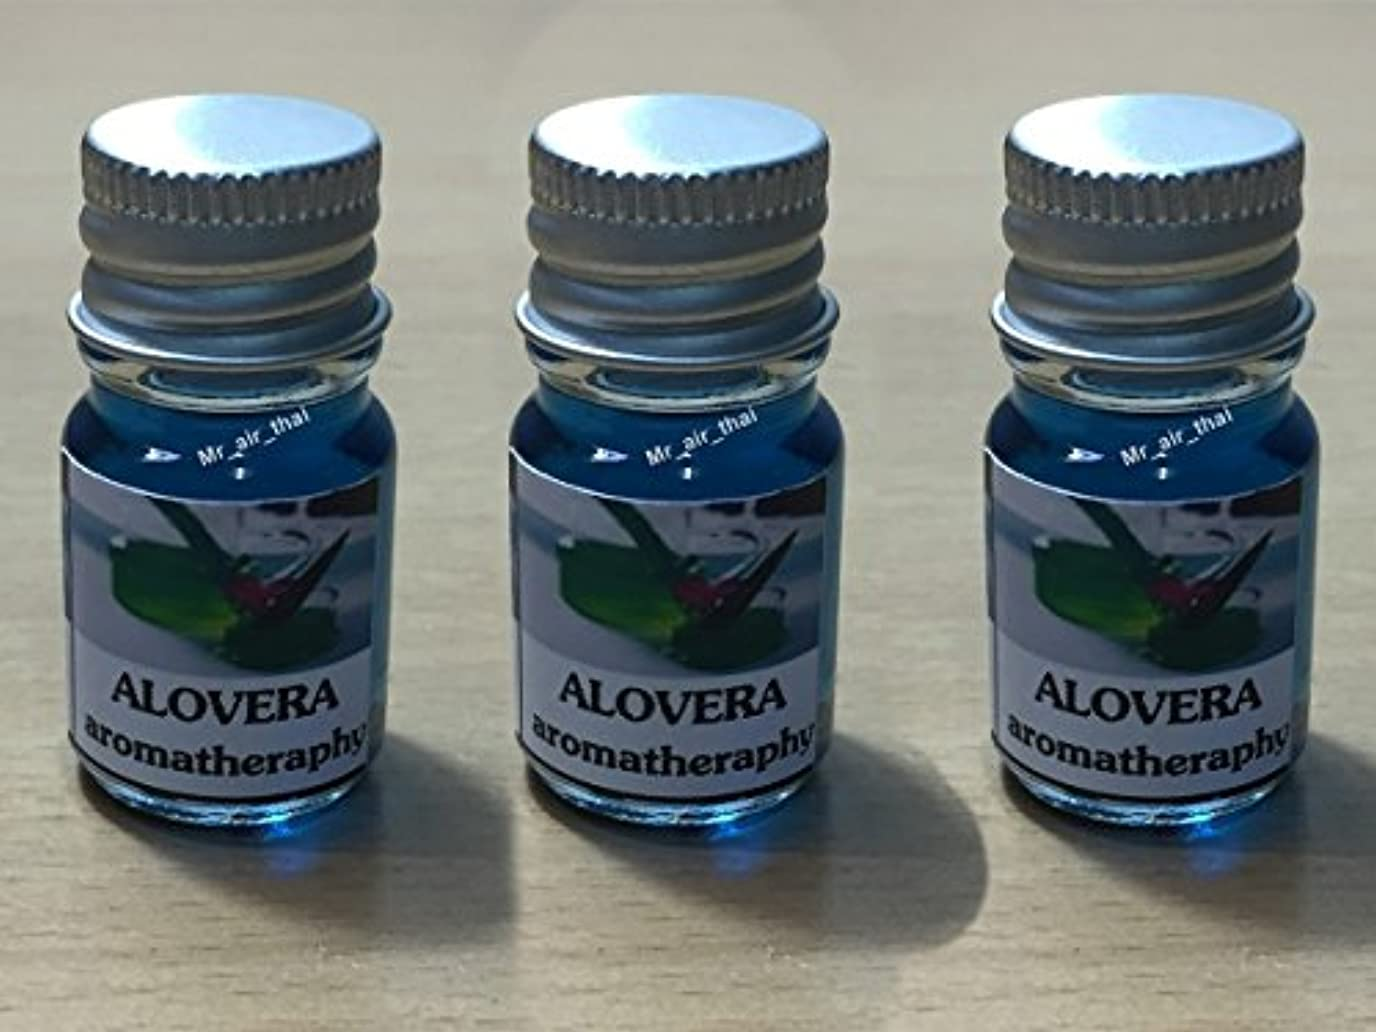 翻訳ベイビー気性3個セット,5ミリリットルアロマアロエフランクインセンスエッセンシャルオイルボトルアロマテラピーオイル自然自然 3PC 5ml Aroma Alovera Frankincense Essential Oil Bottles...